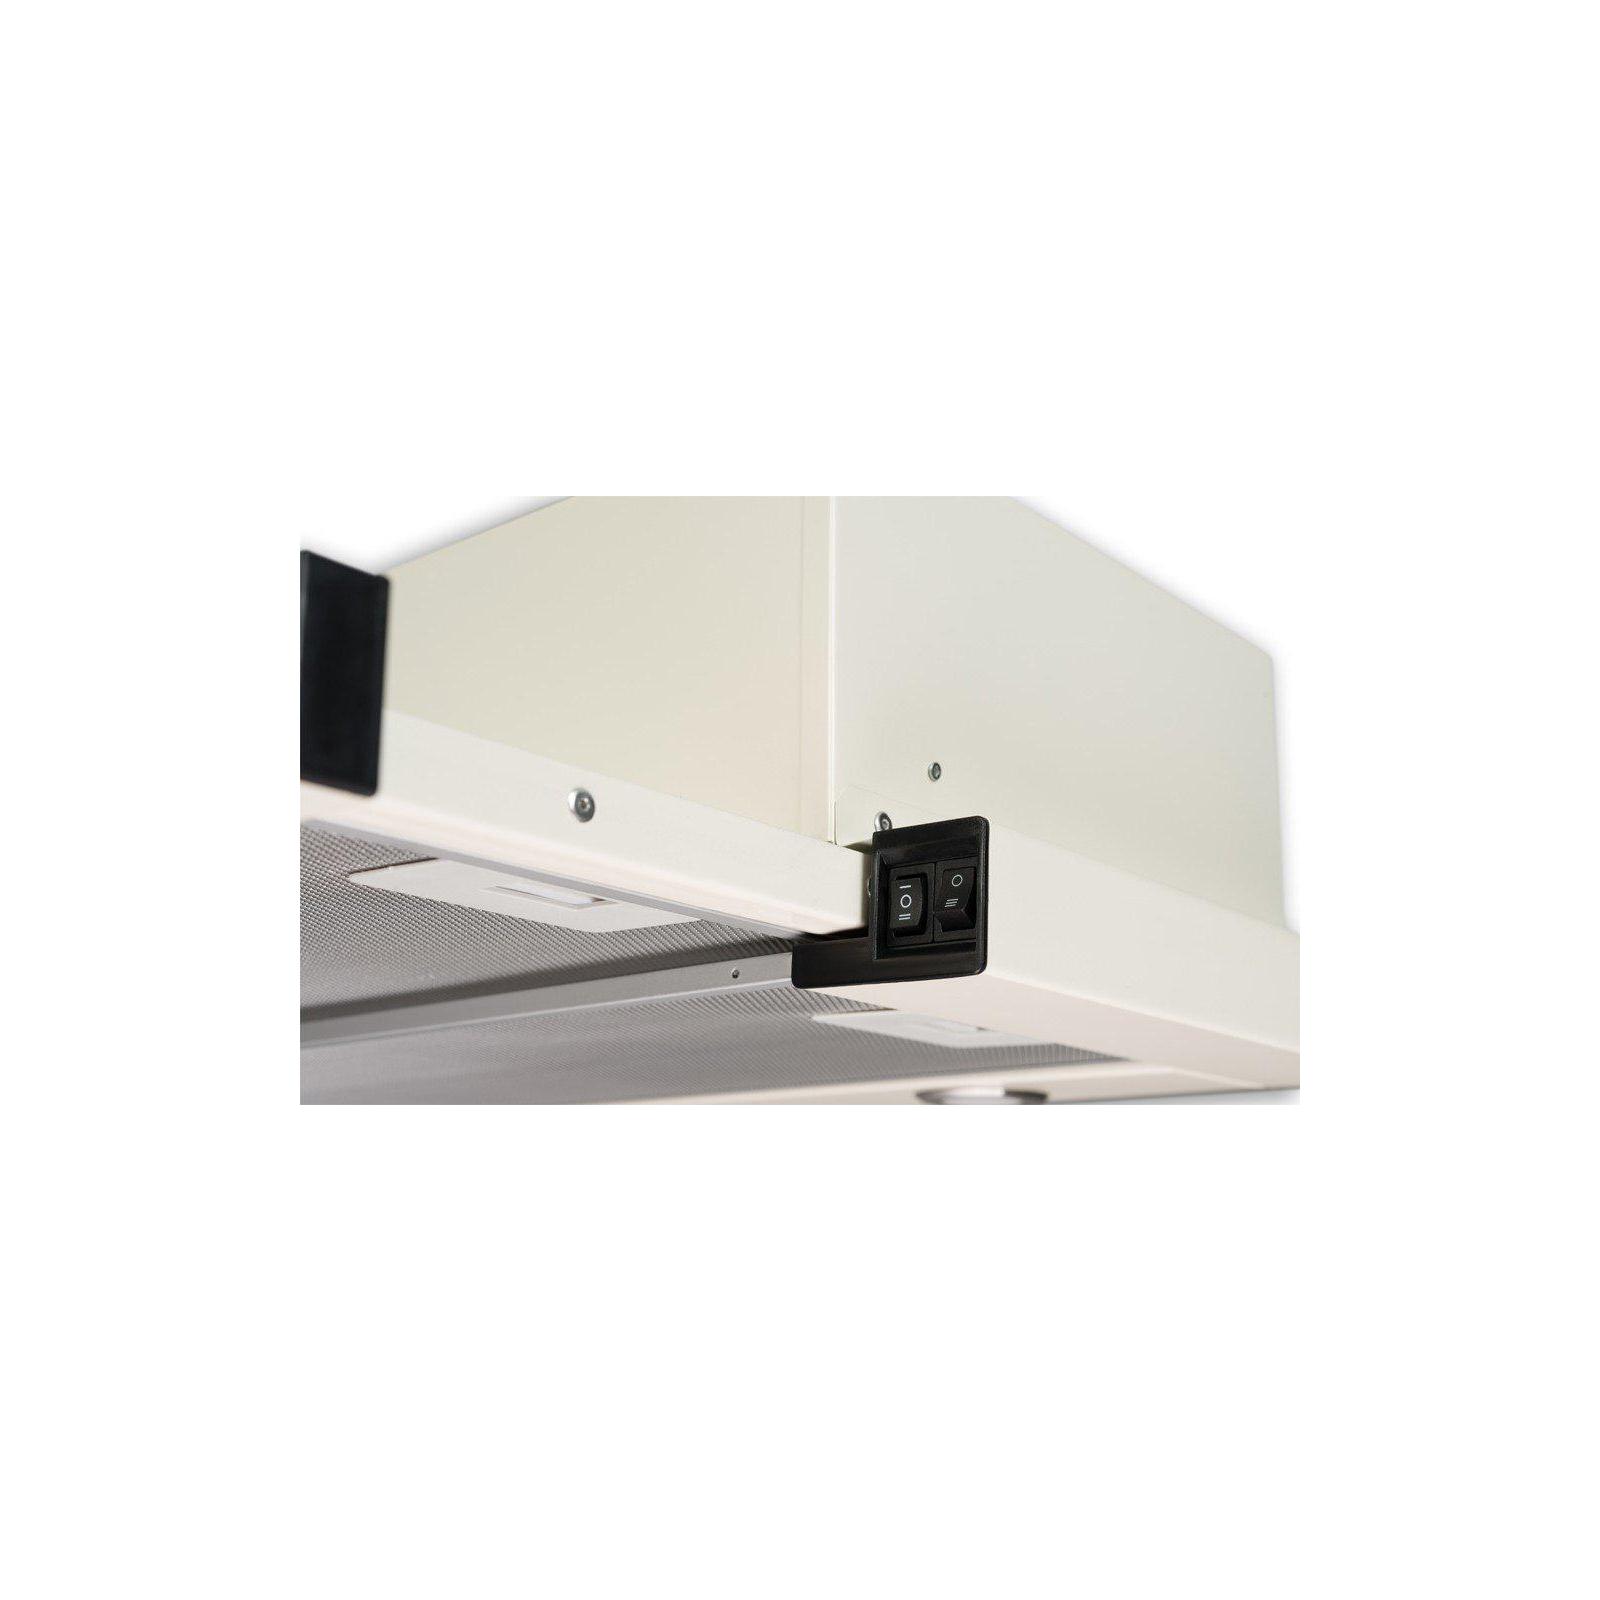 Вытяжка кухонная MINOLA HTL 6012 IV 450 LED изображение 6